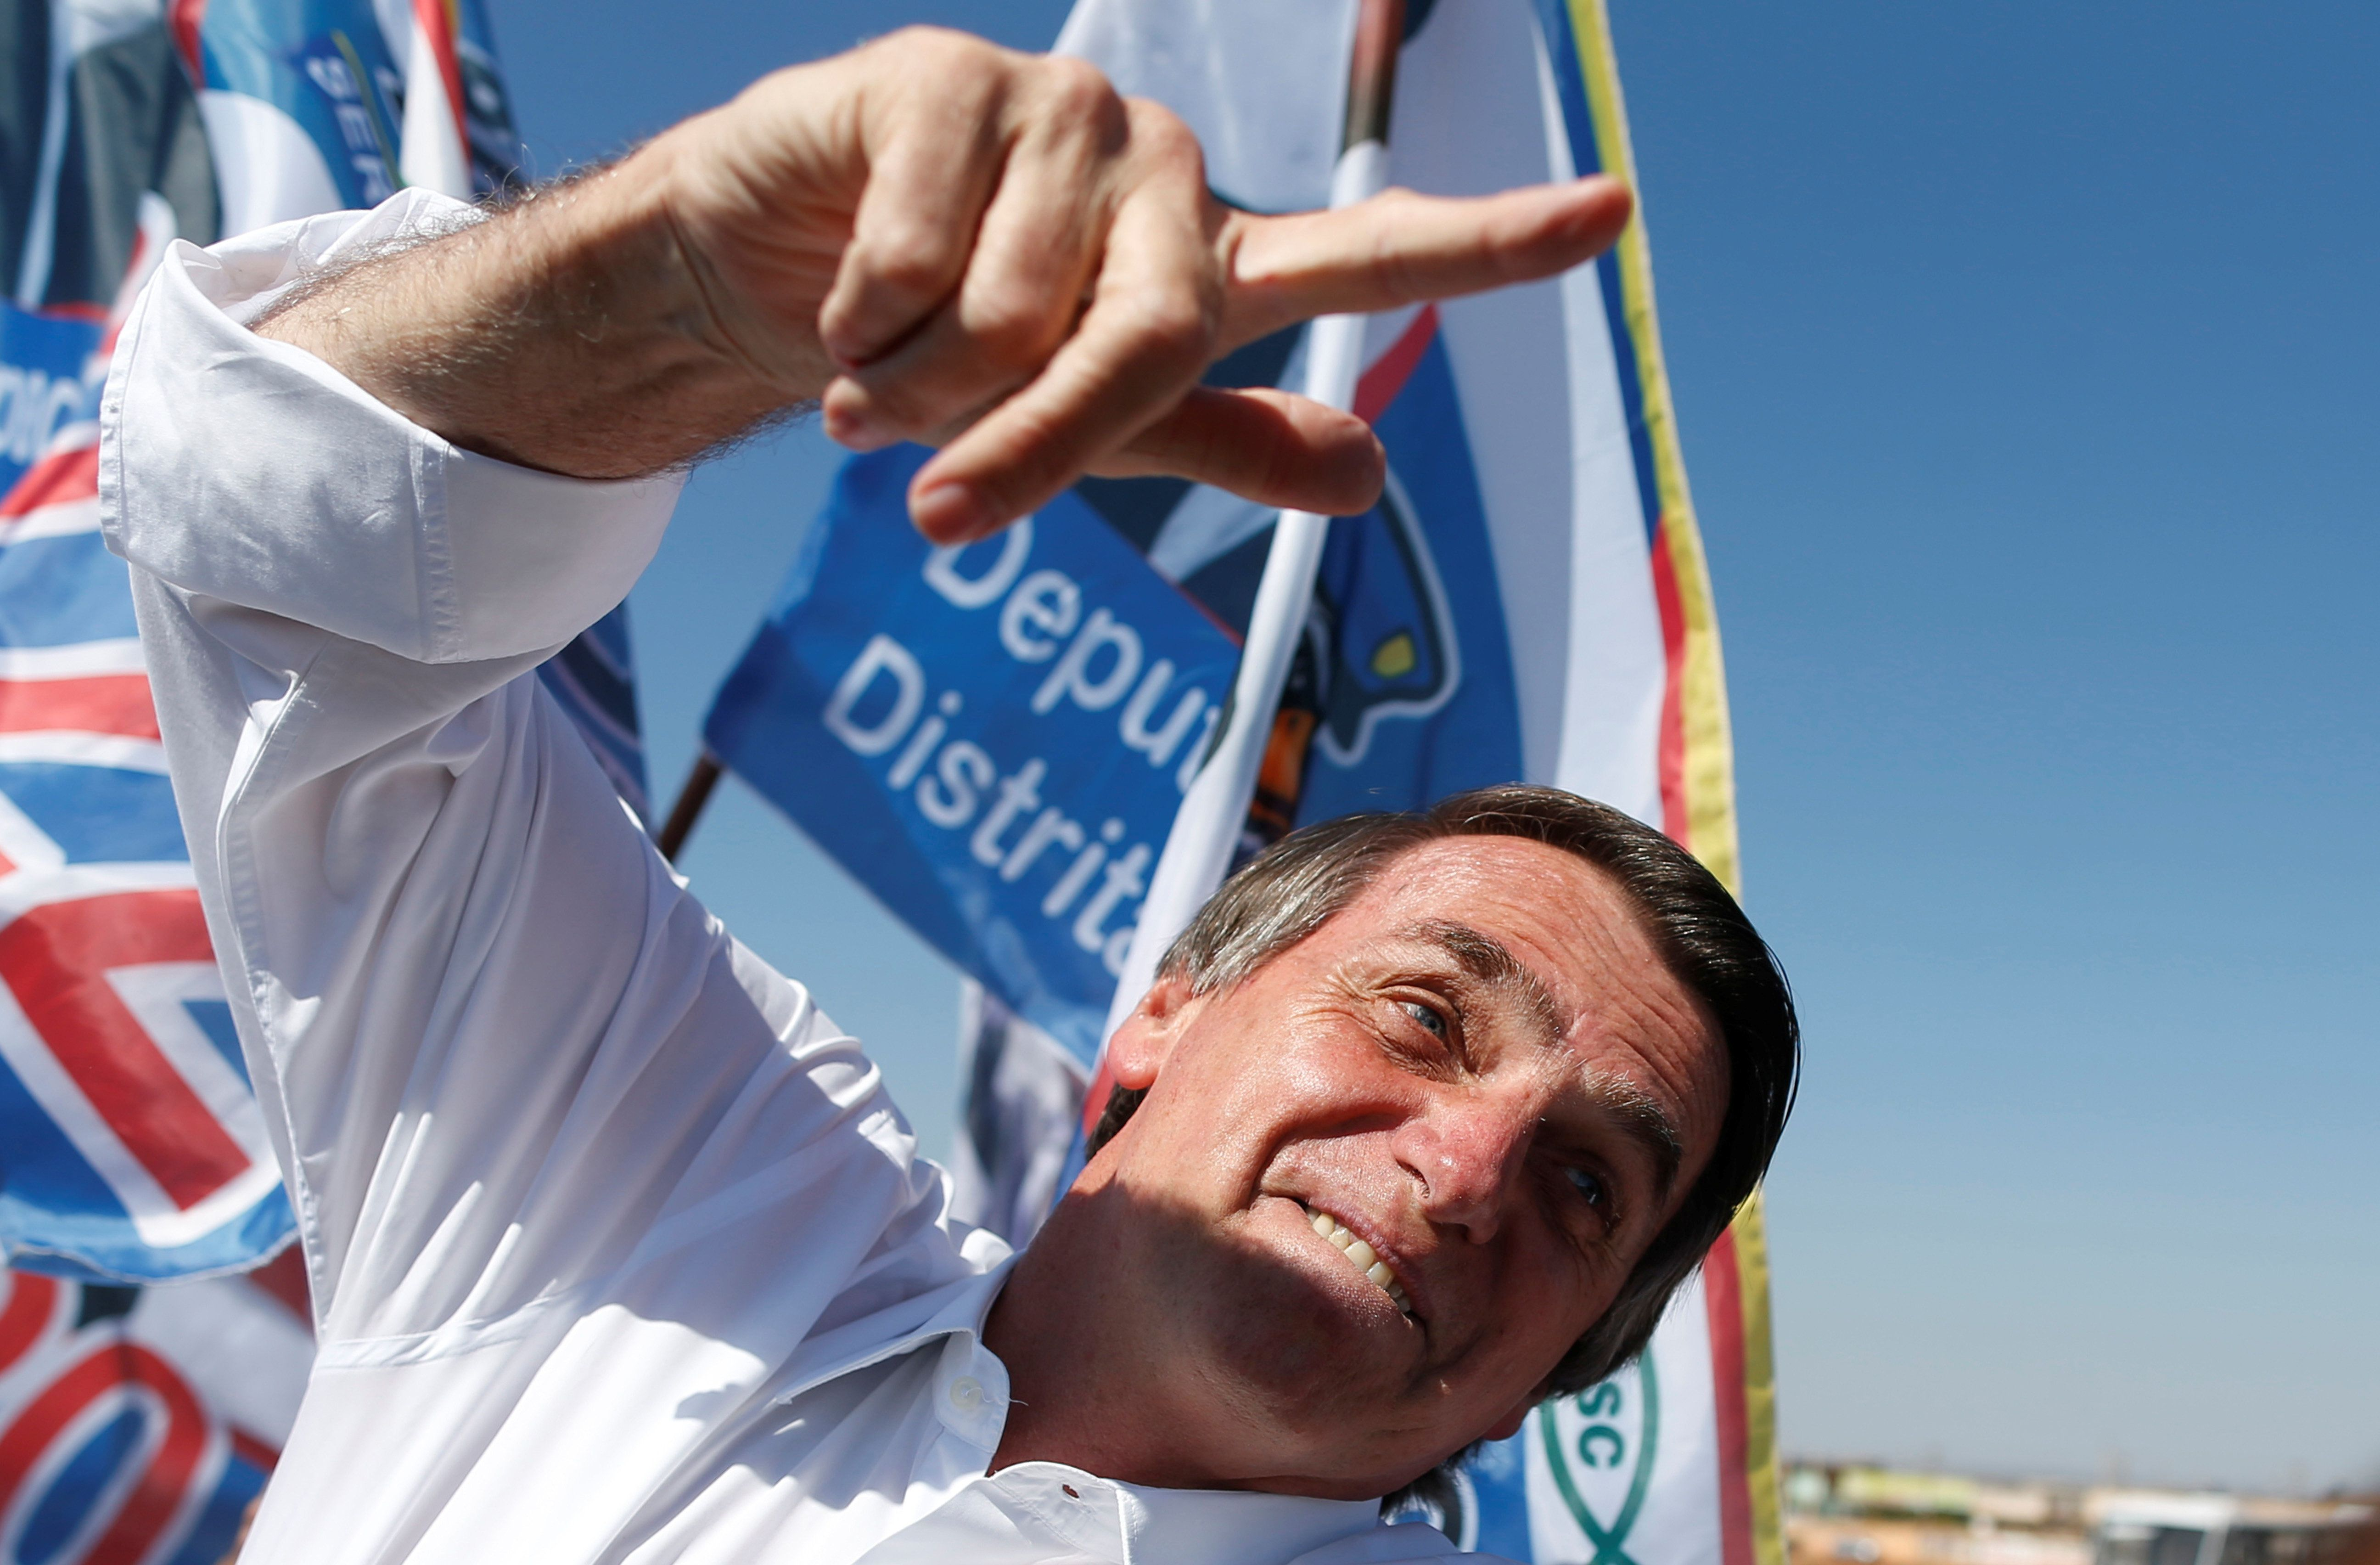 Präsidentschaftswahl in Brasilien - Rechtspopulist Bolsonaro gewinnt erste Runde deutlich